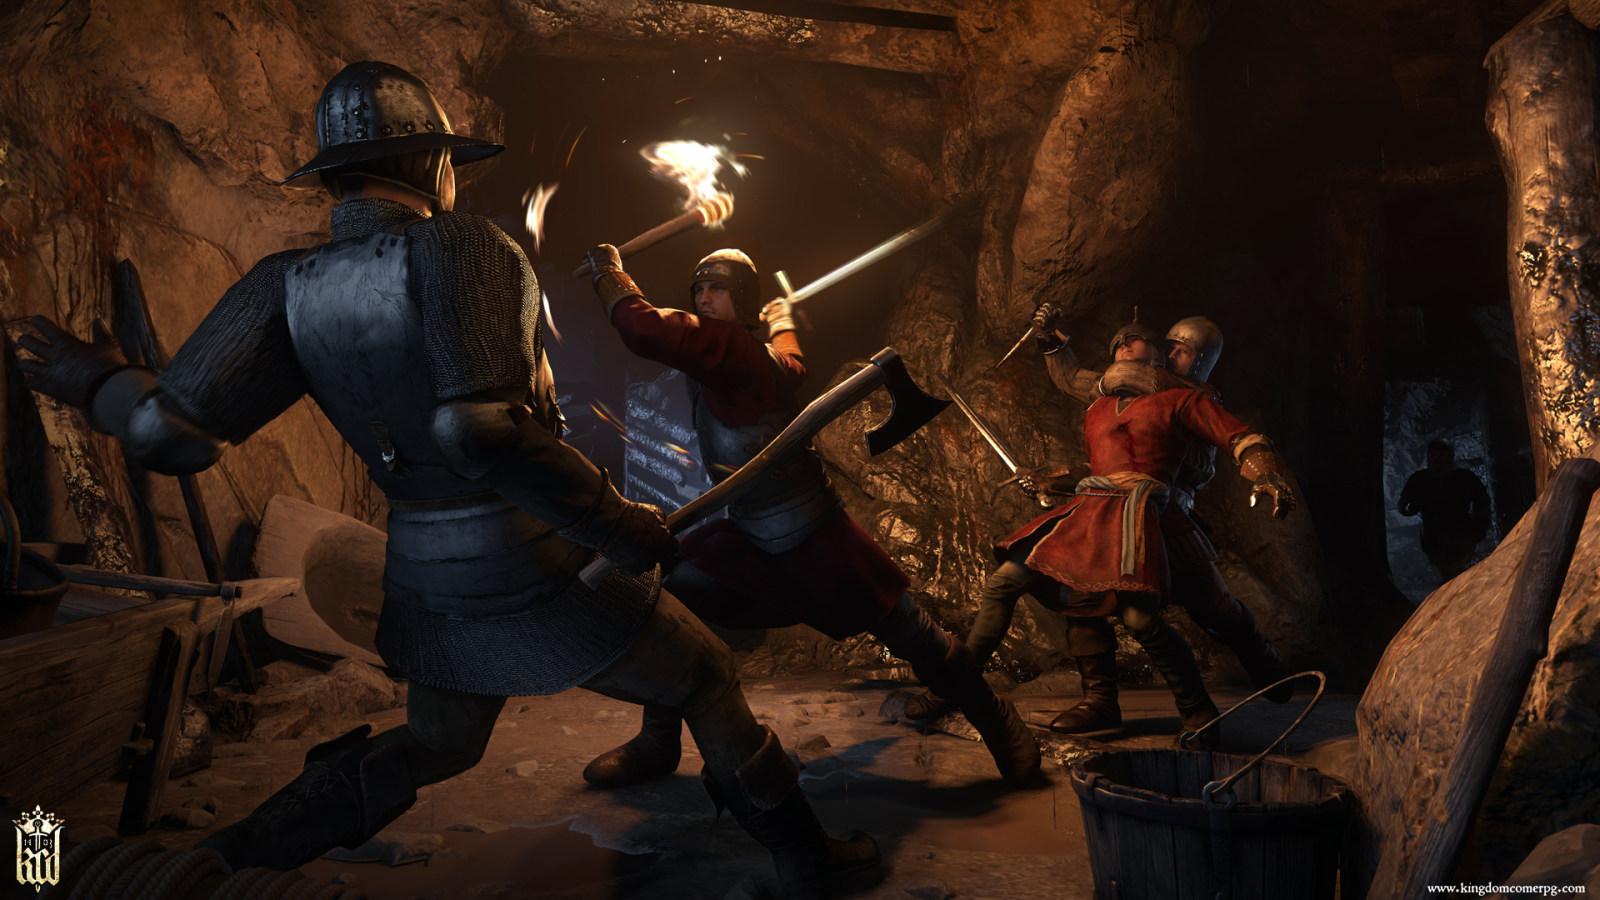 Epic喜加二:《天国:拯救》及《Aztez》